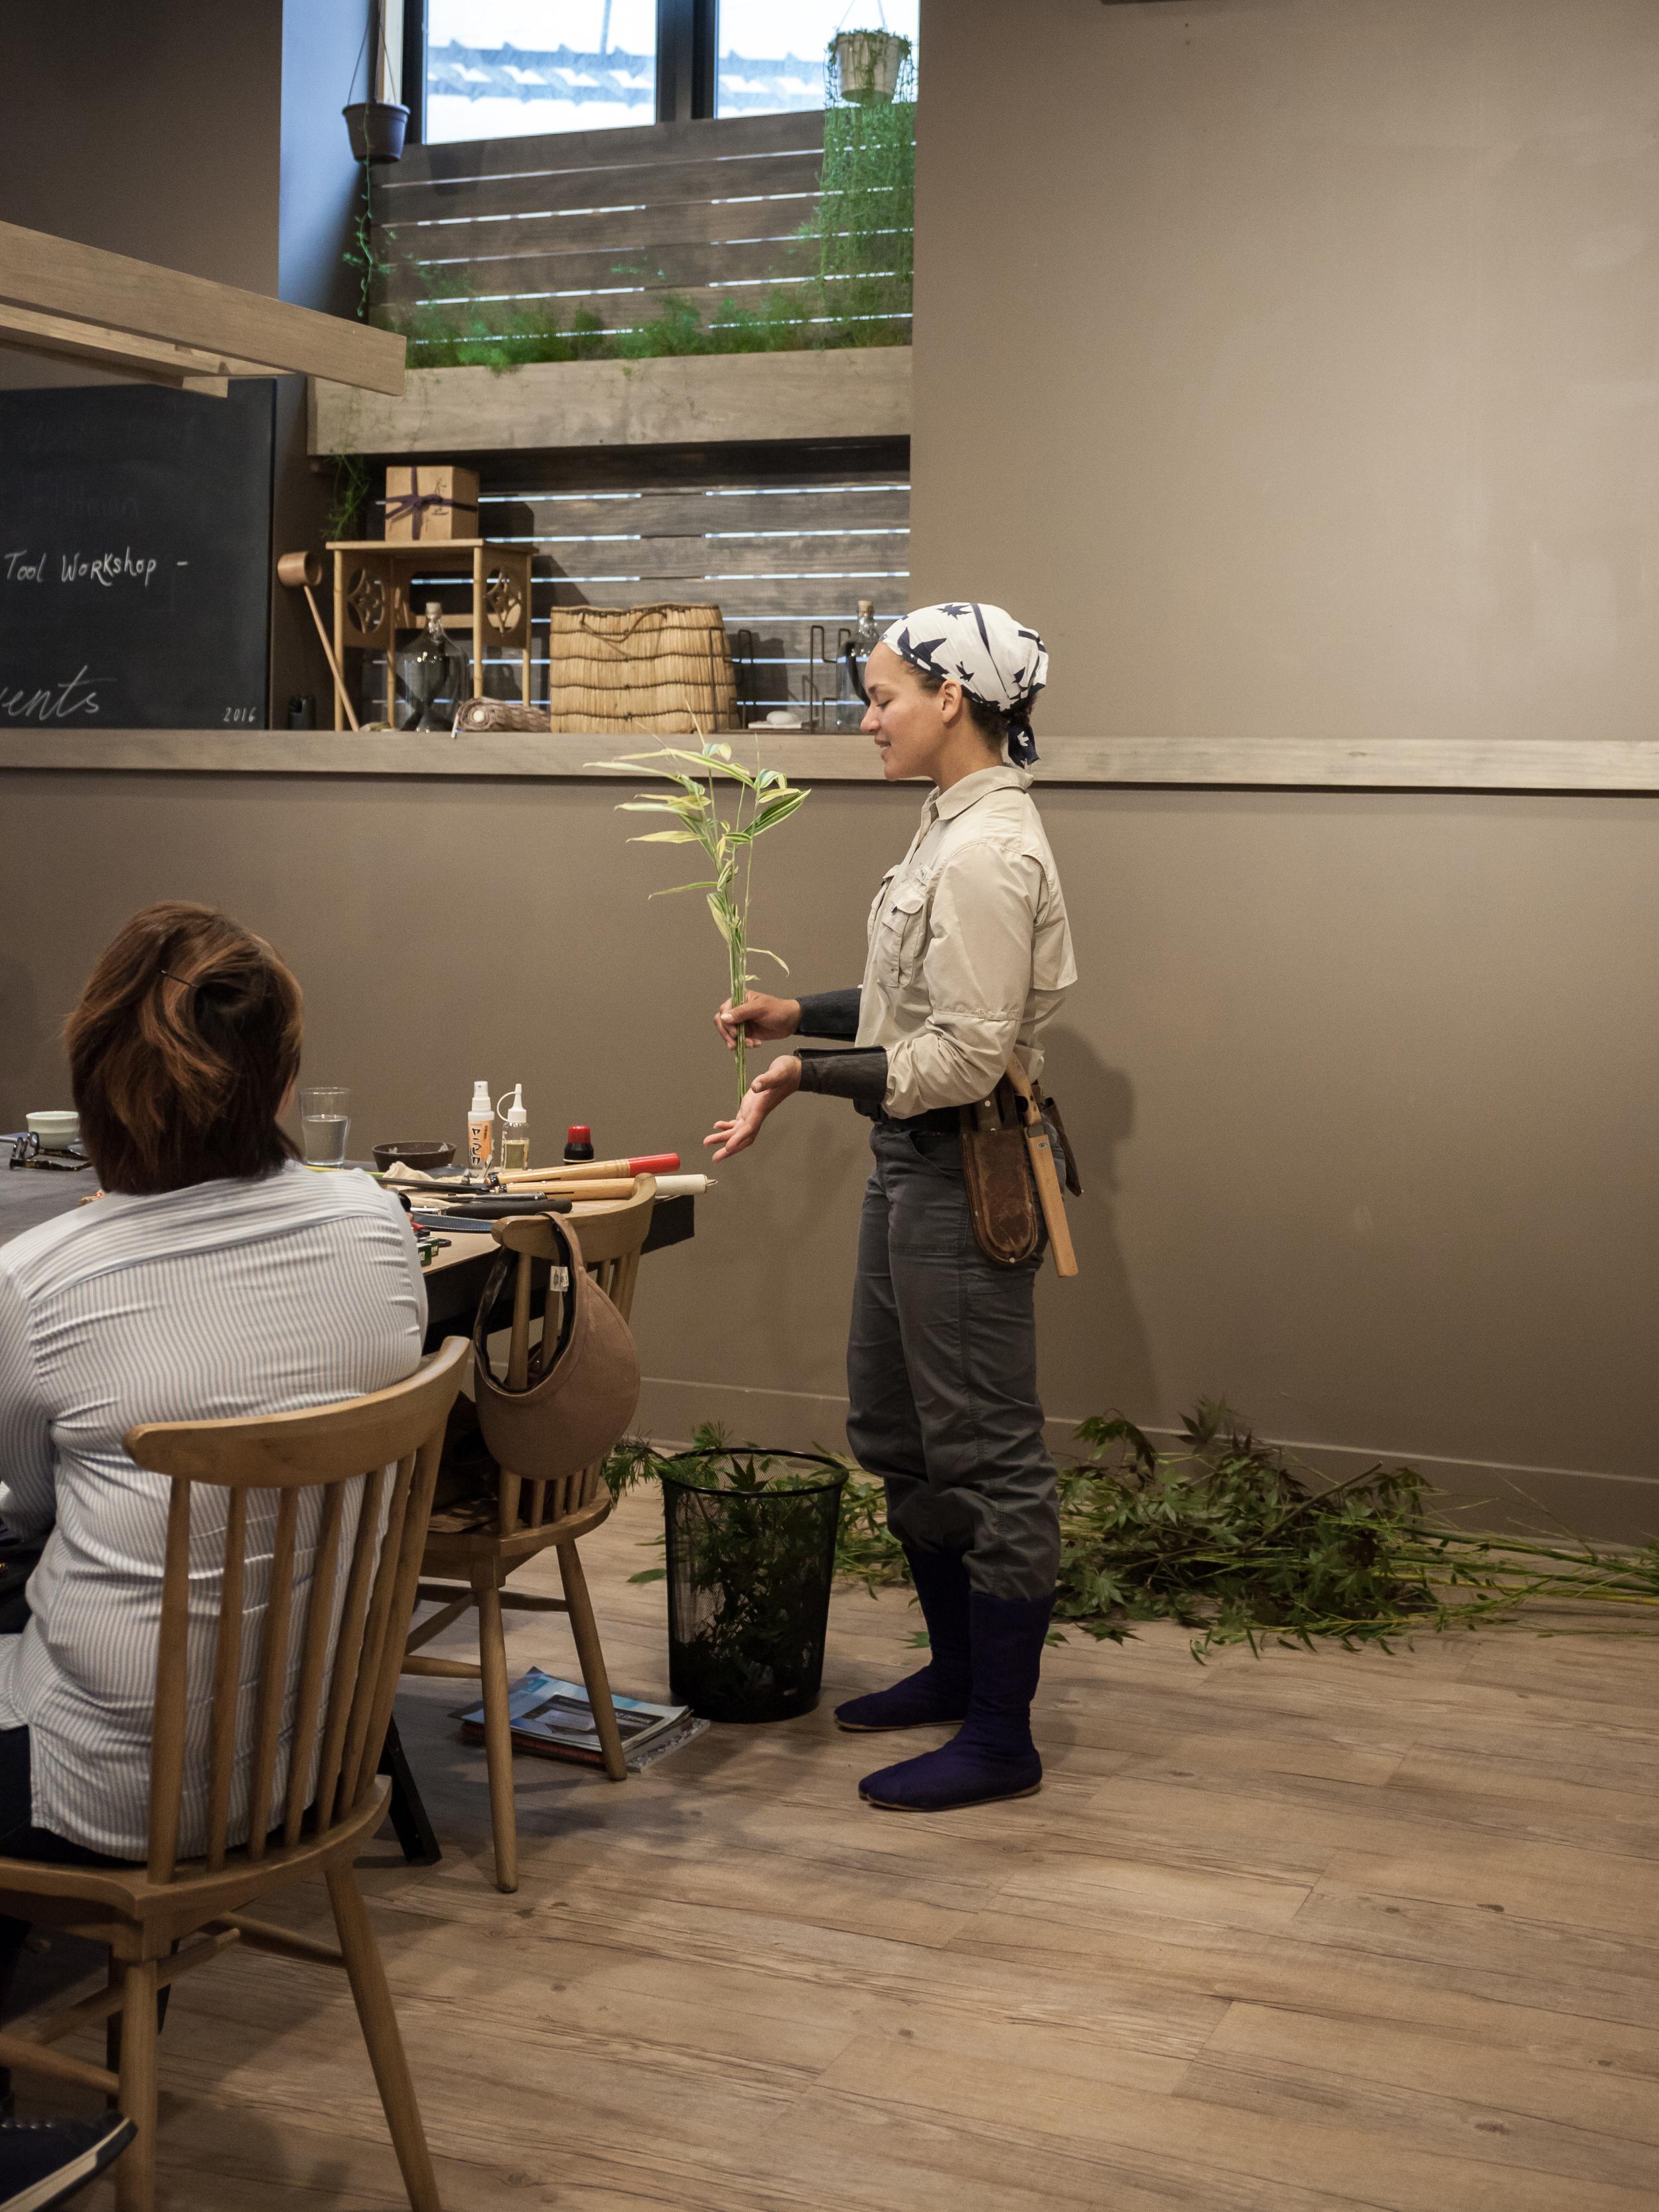 Rikumo_Shofuso_Gardening_Workshop-4.jpg